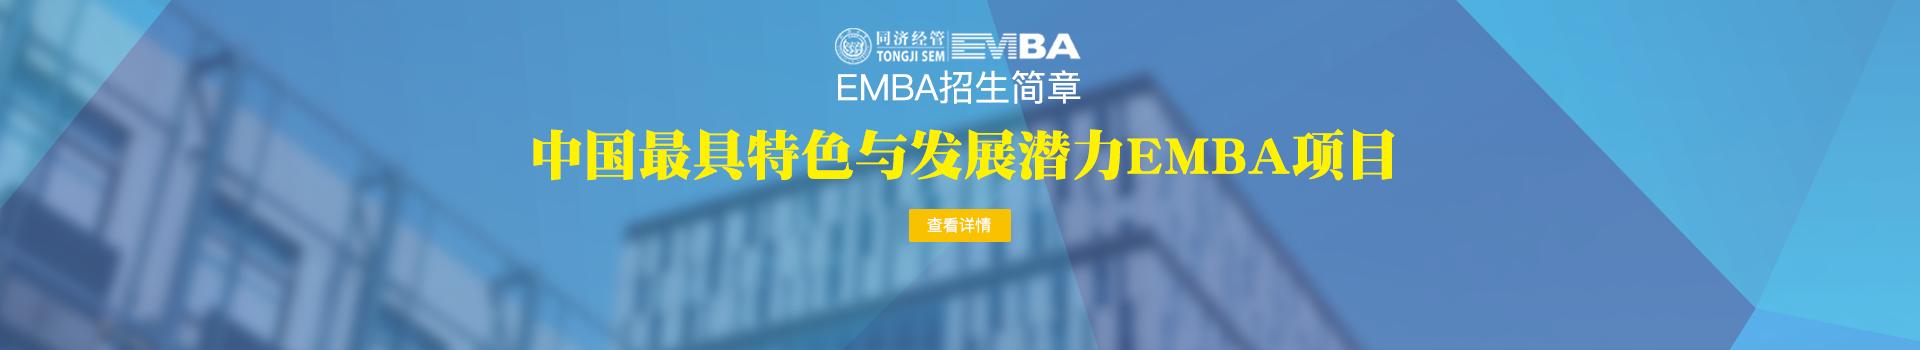 同济大学经济与管理学院高级工商管理硕士EMBA招生简章